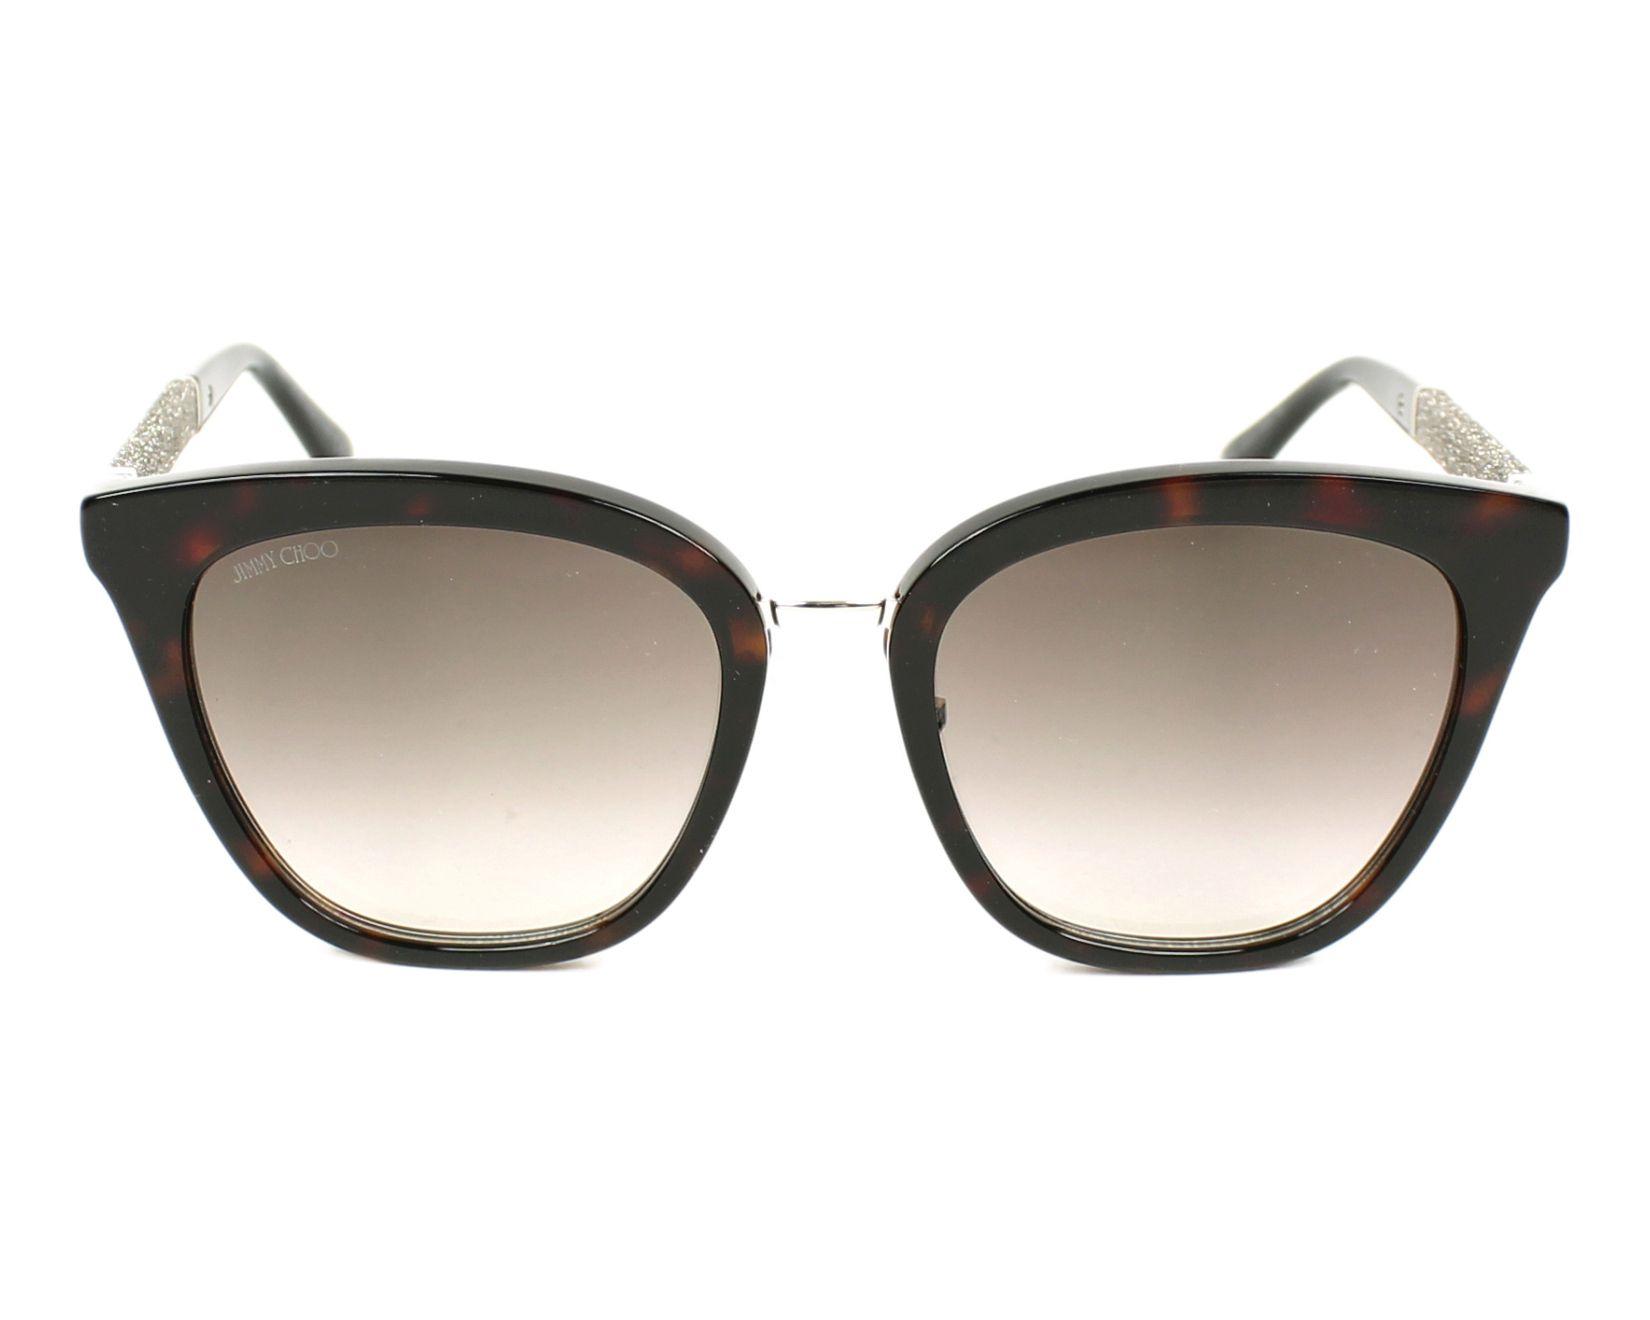 Jimmy Choo Fabry/S Sonnenbrille Havanna und Glitter KBE 53mm JntPaDtWbI